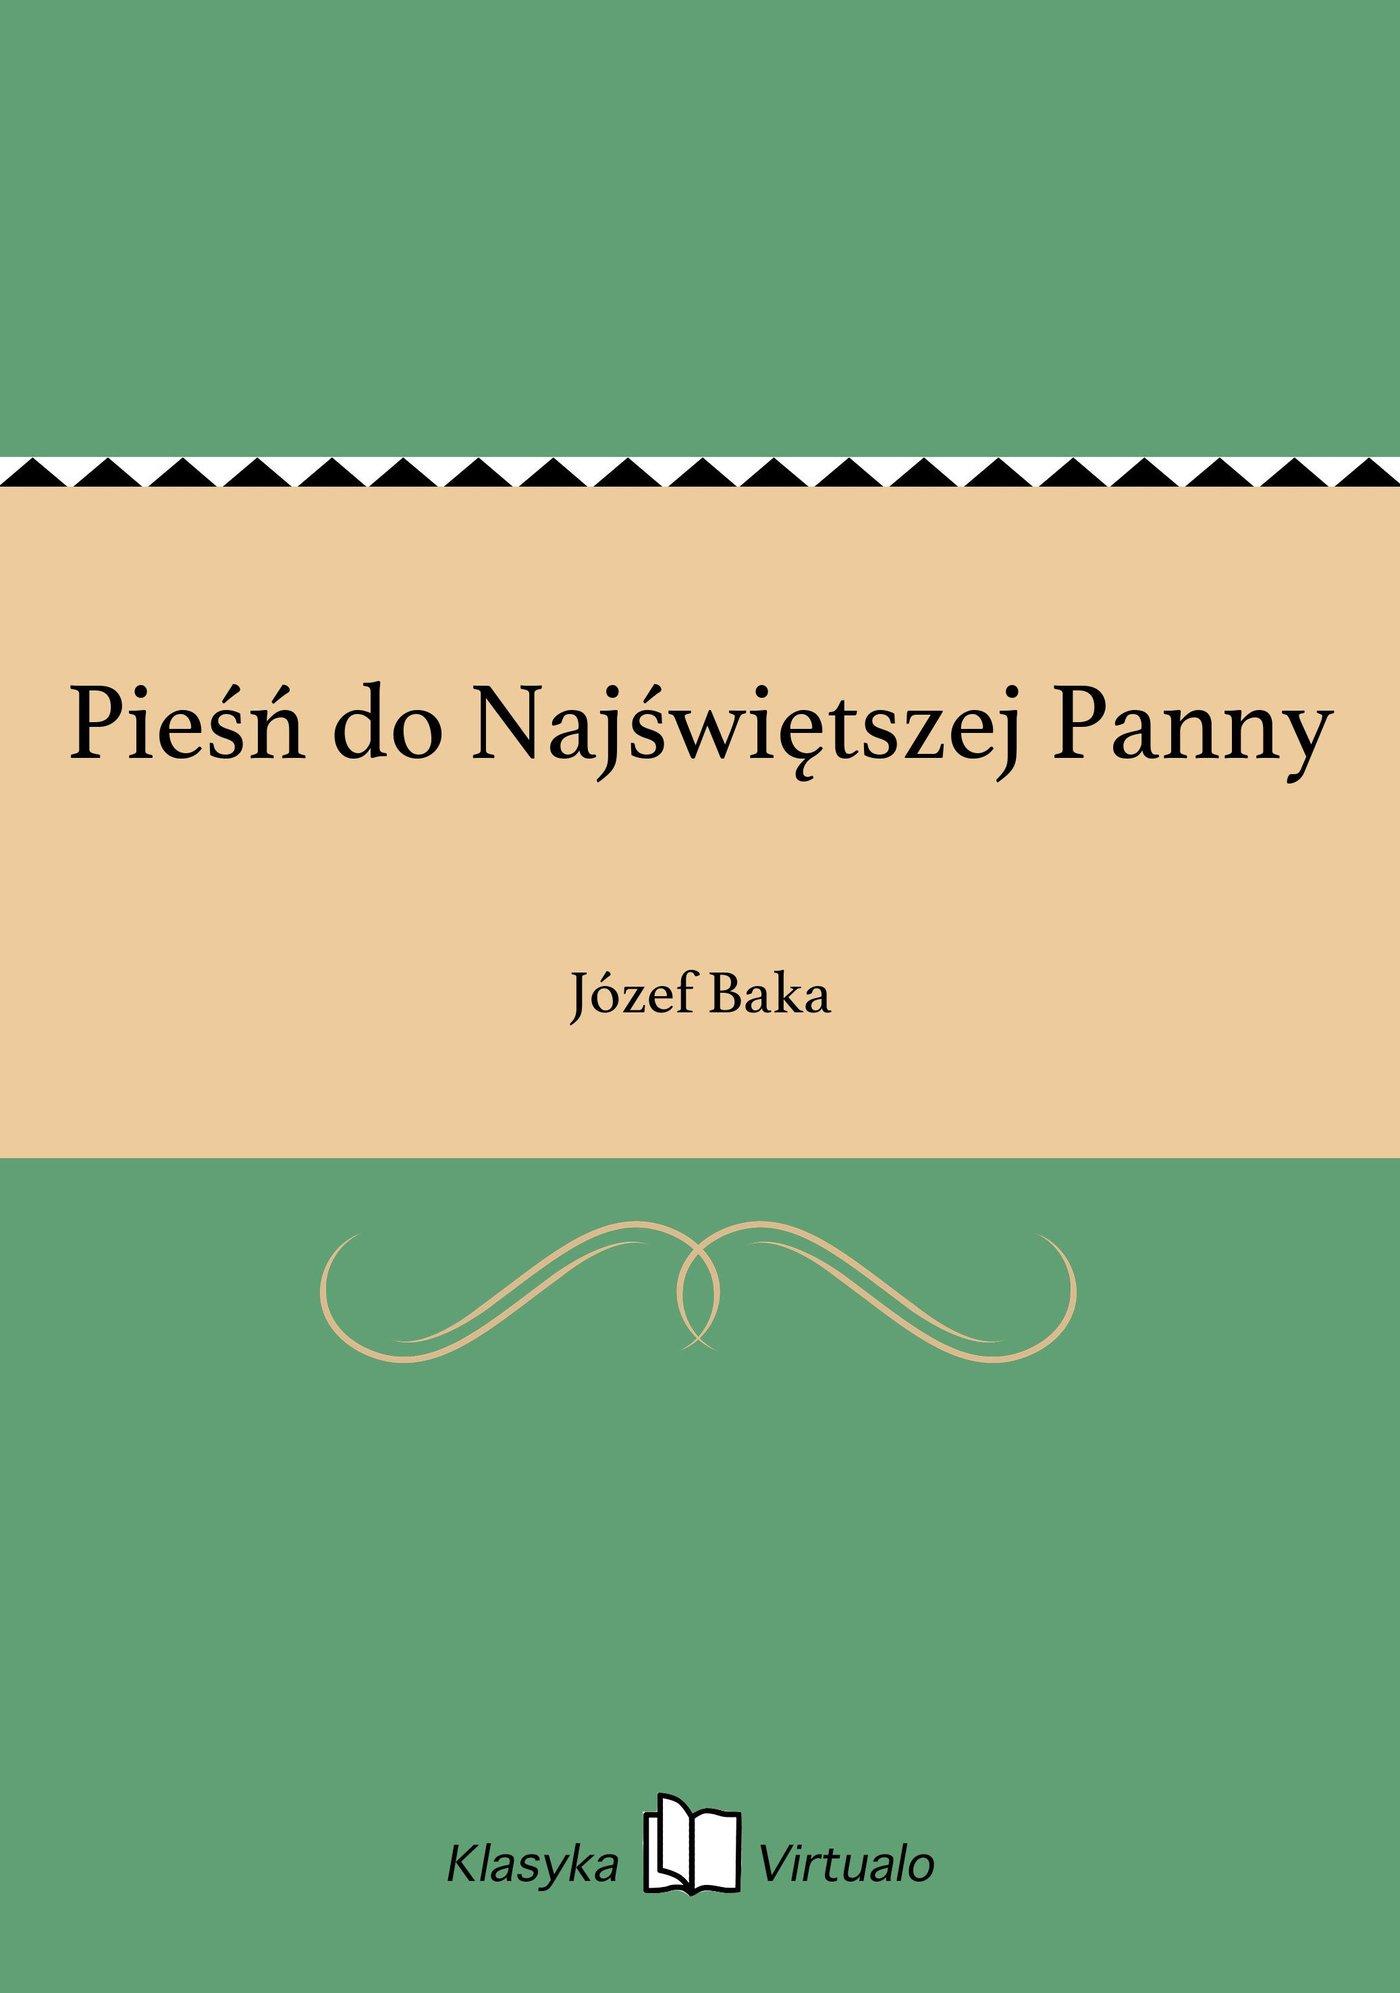 Pieśń do Najświętszej Panny - Ebook (Książka na Kindle) do pobrania w formacie MOBI